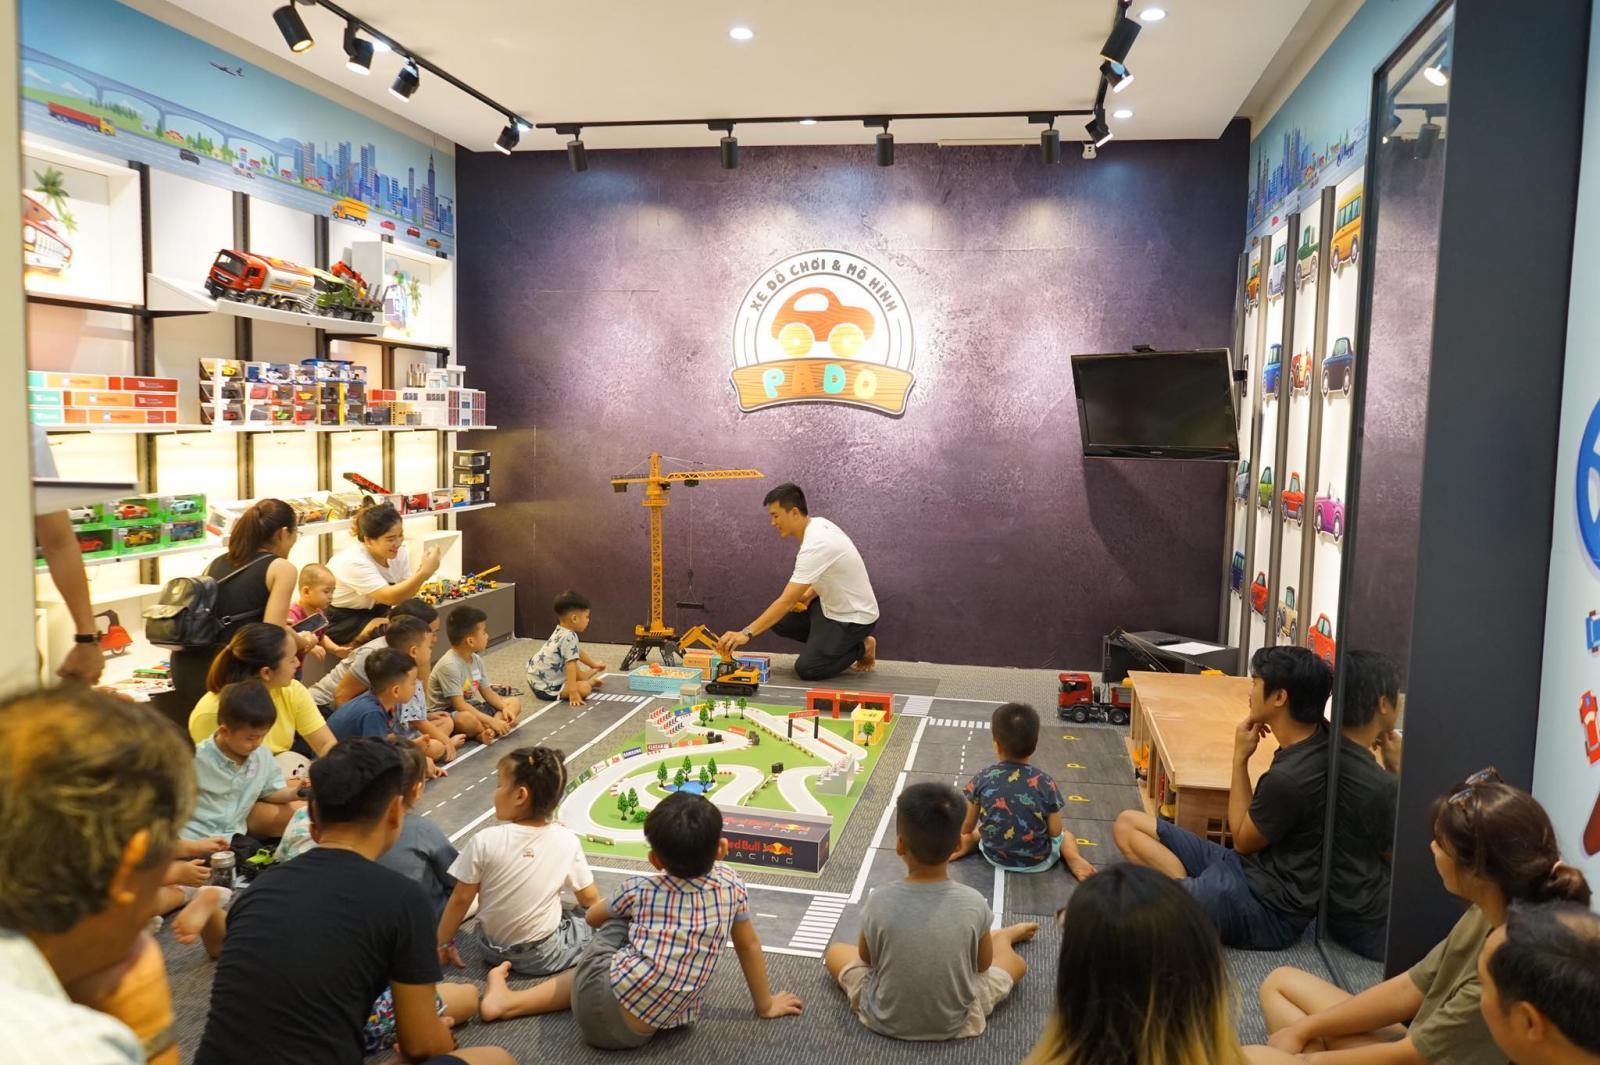 Anh Nhân tổ chức một số buổi tụ họp, mời các bé đến chơi, trải nghiệm các mô hình đồ chơi do anh thiết kế.